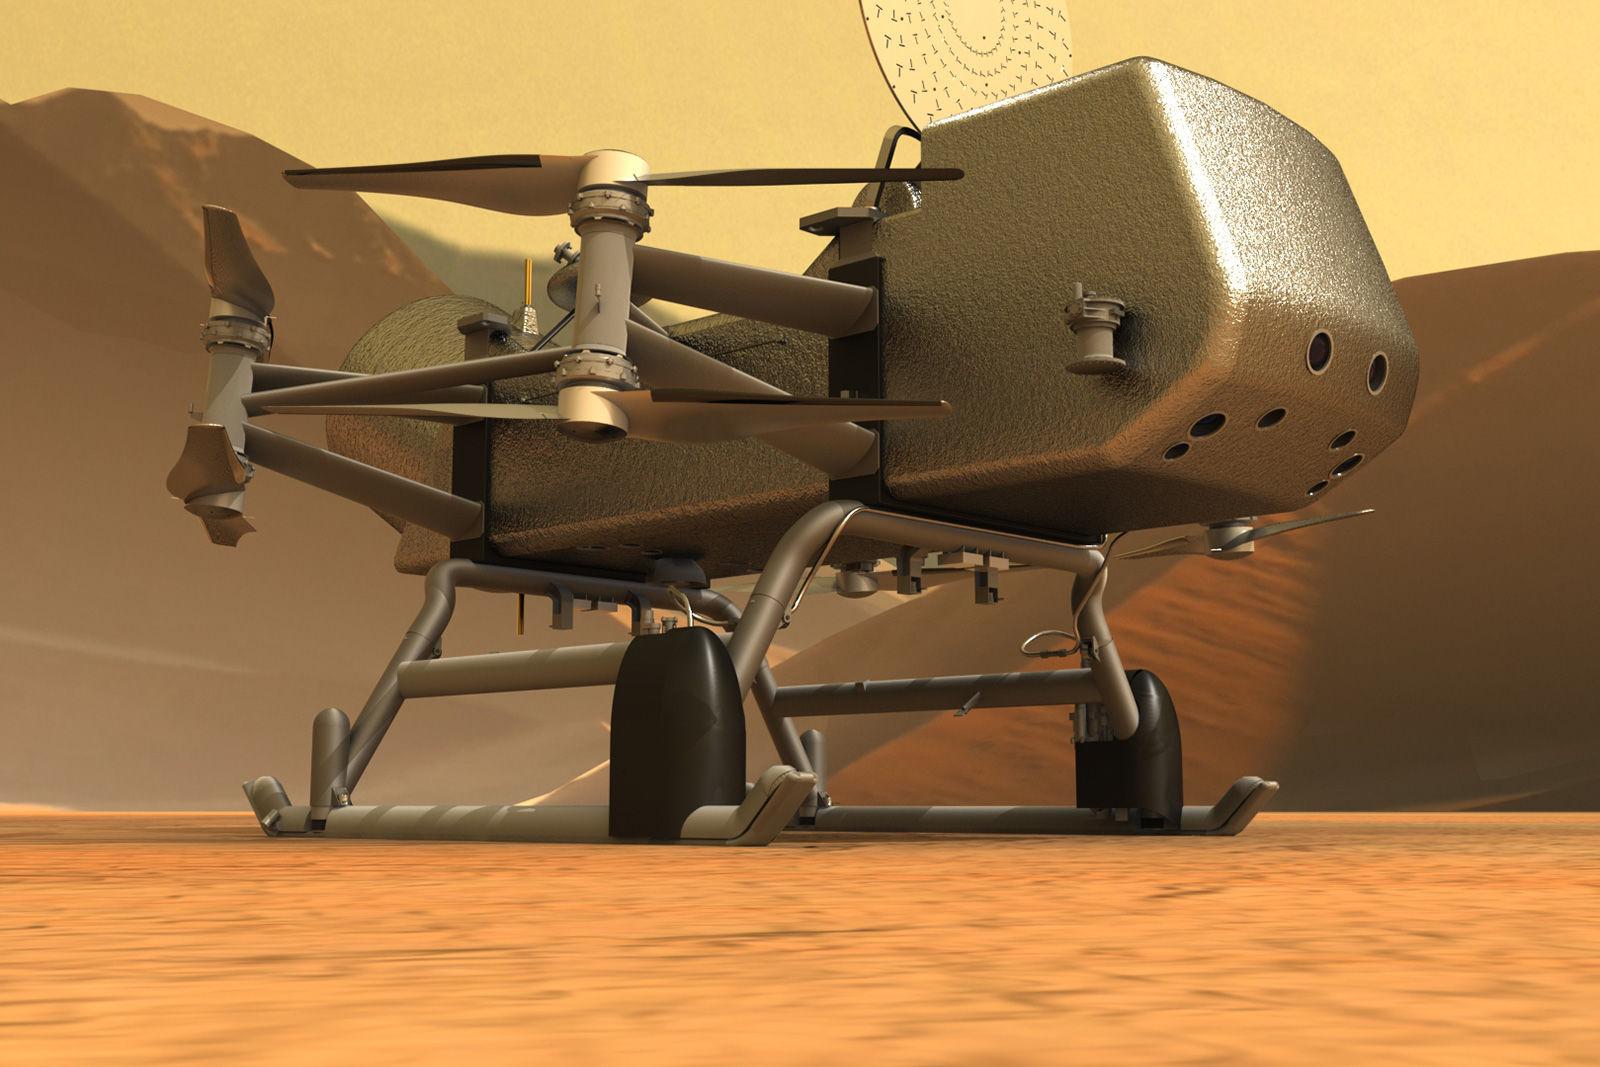 Dragonfly probe